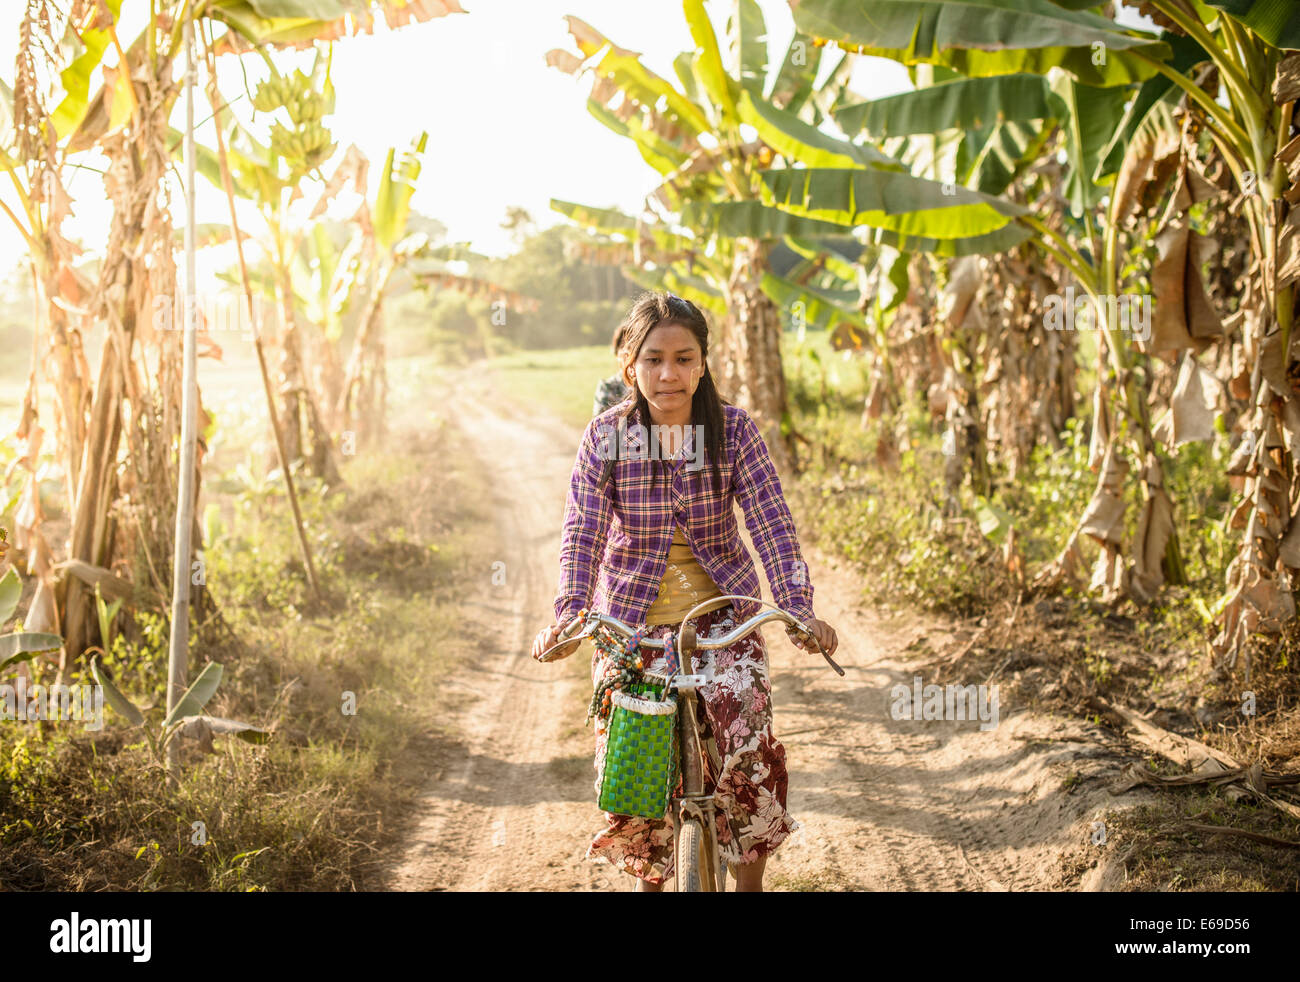 Asiatische Frau Reiten Fahrrad auf Landstraße Stockbild